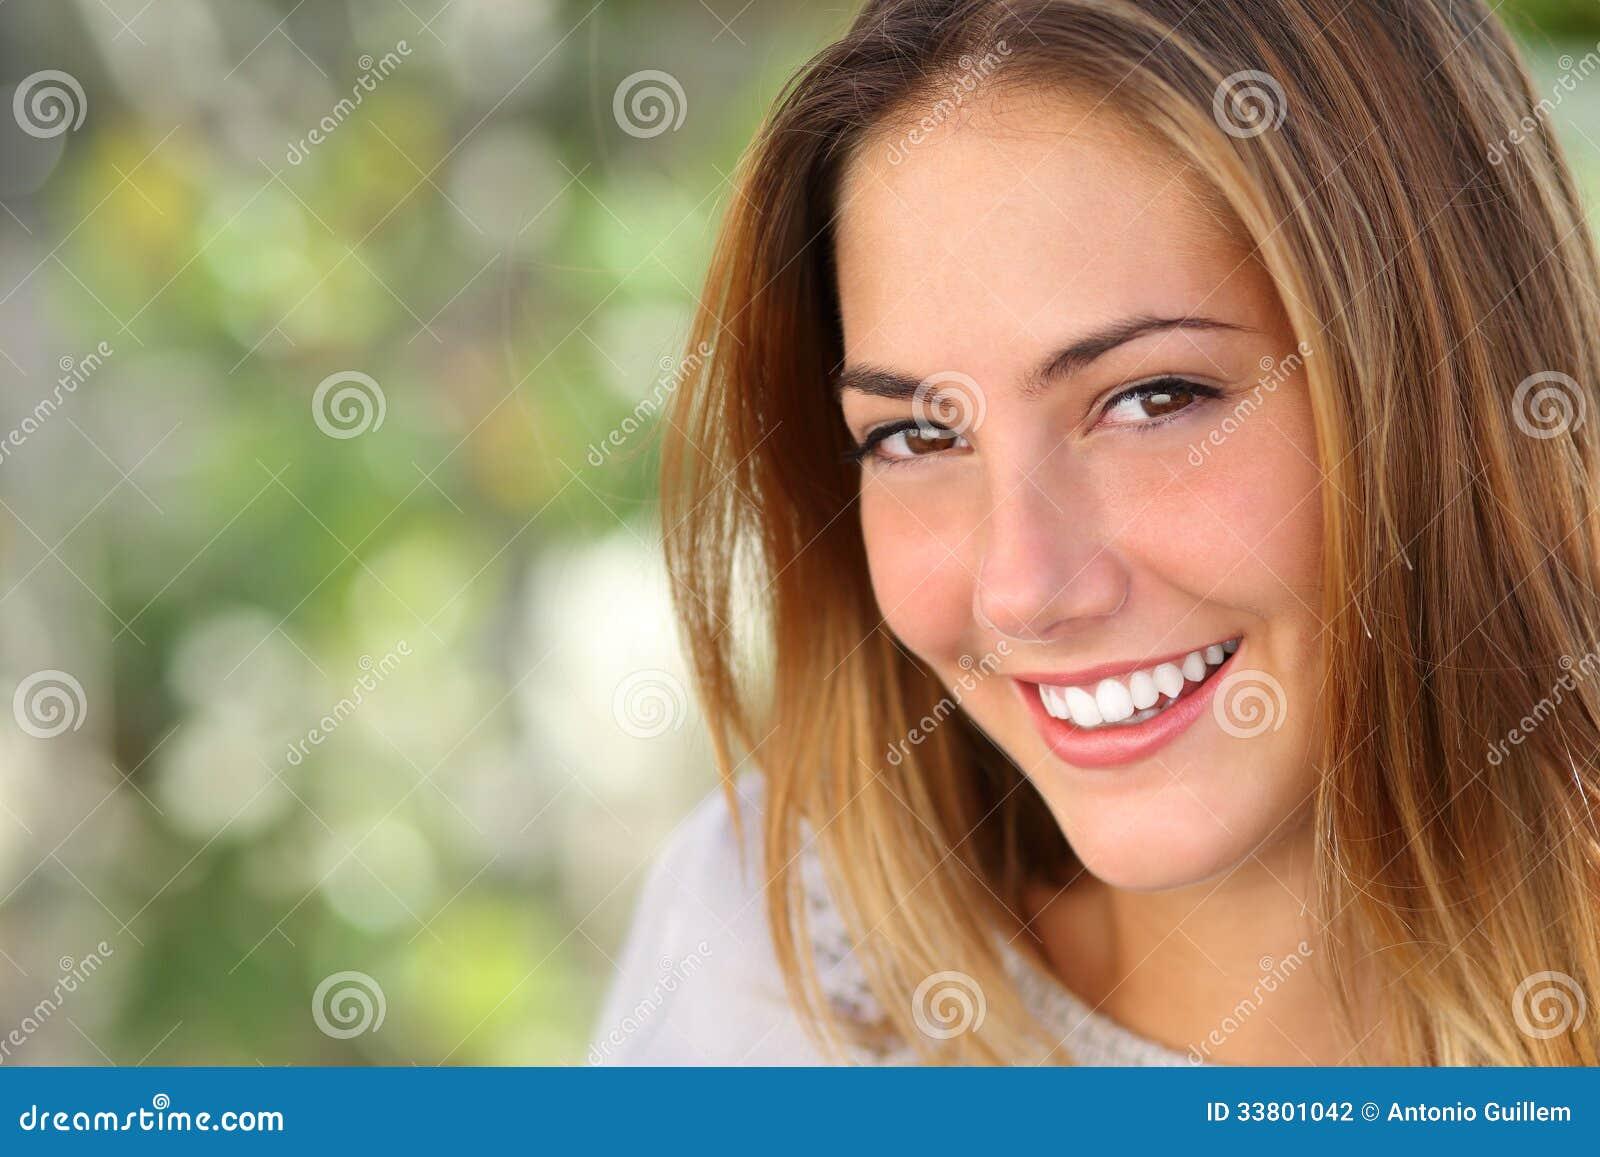 Mulher bonita com um sorriso perfeito clarear